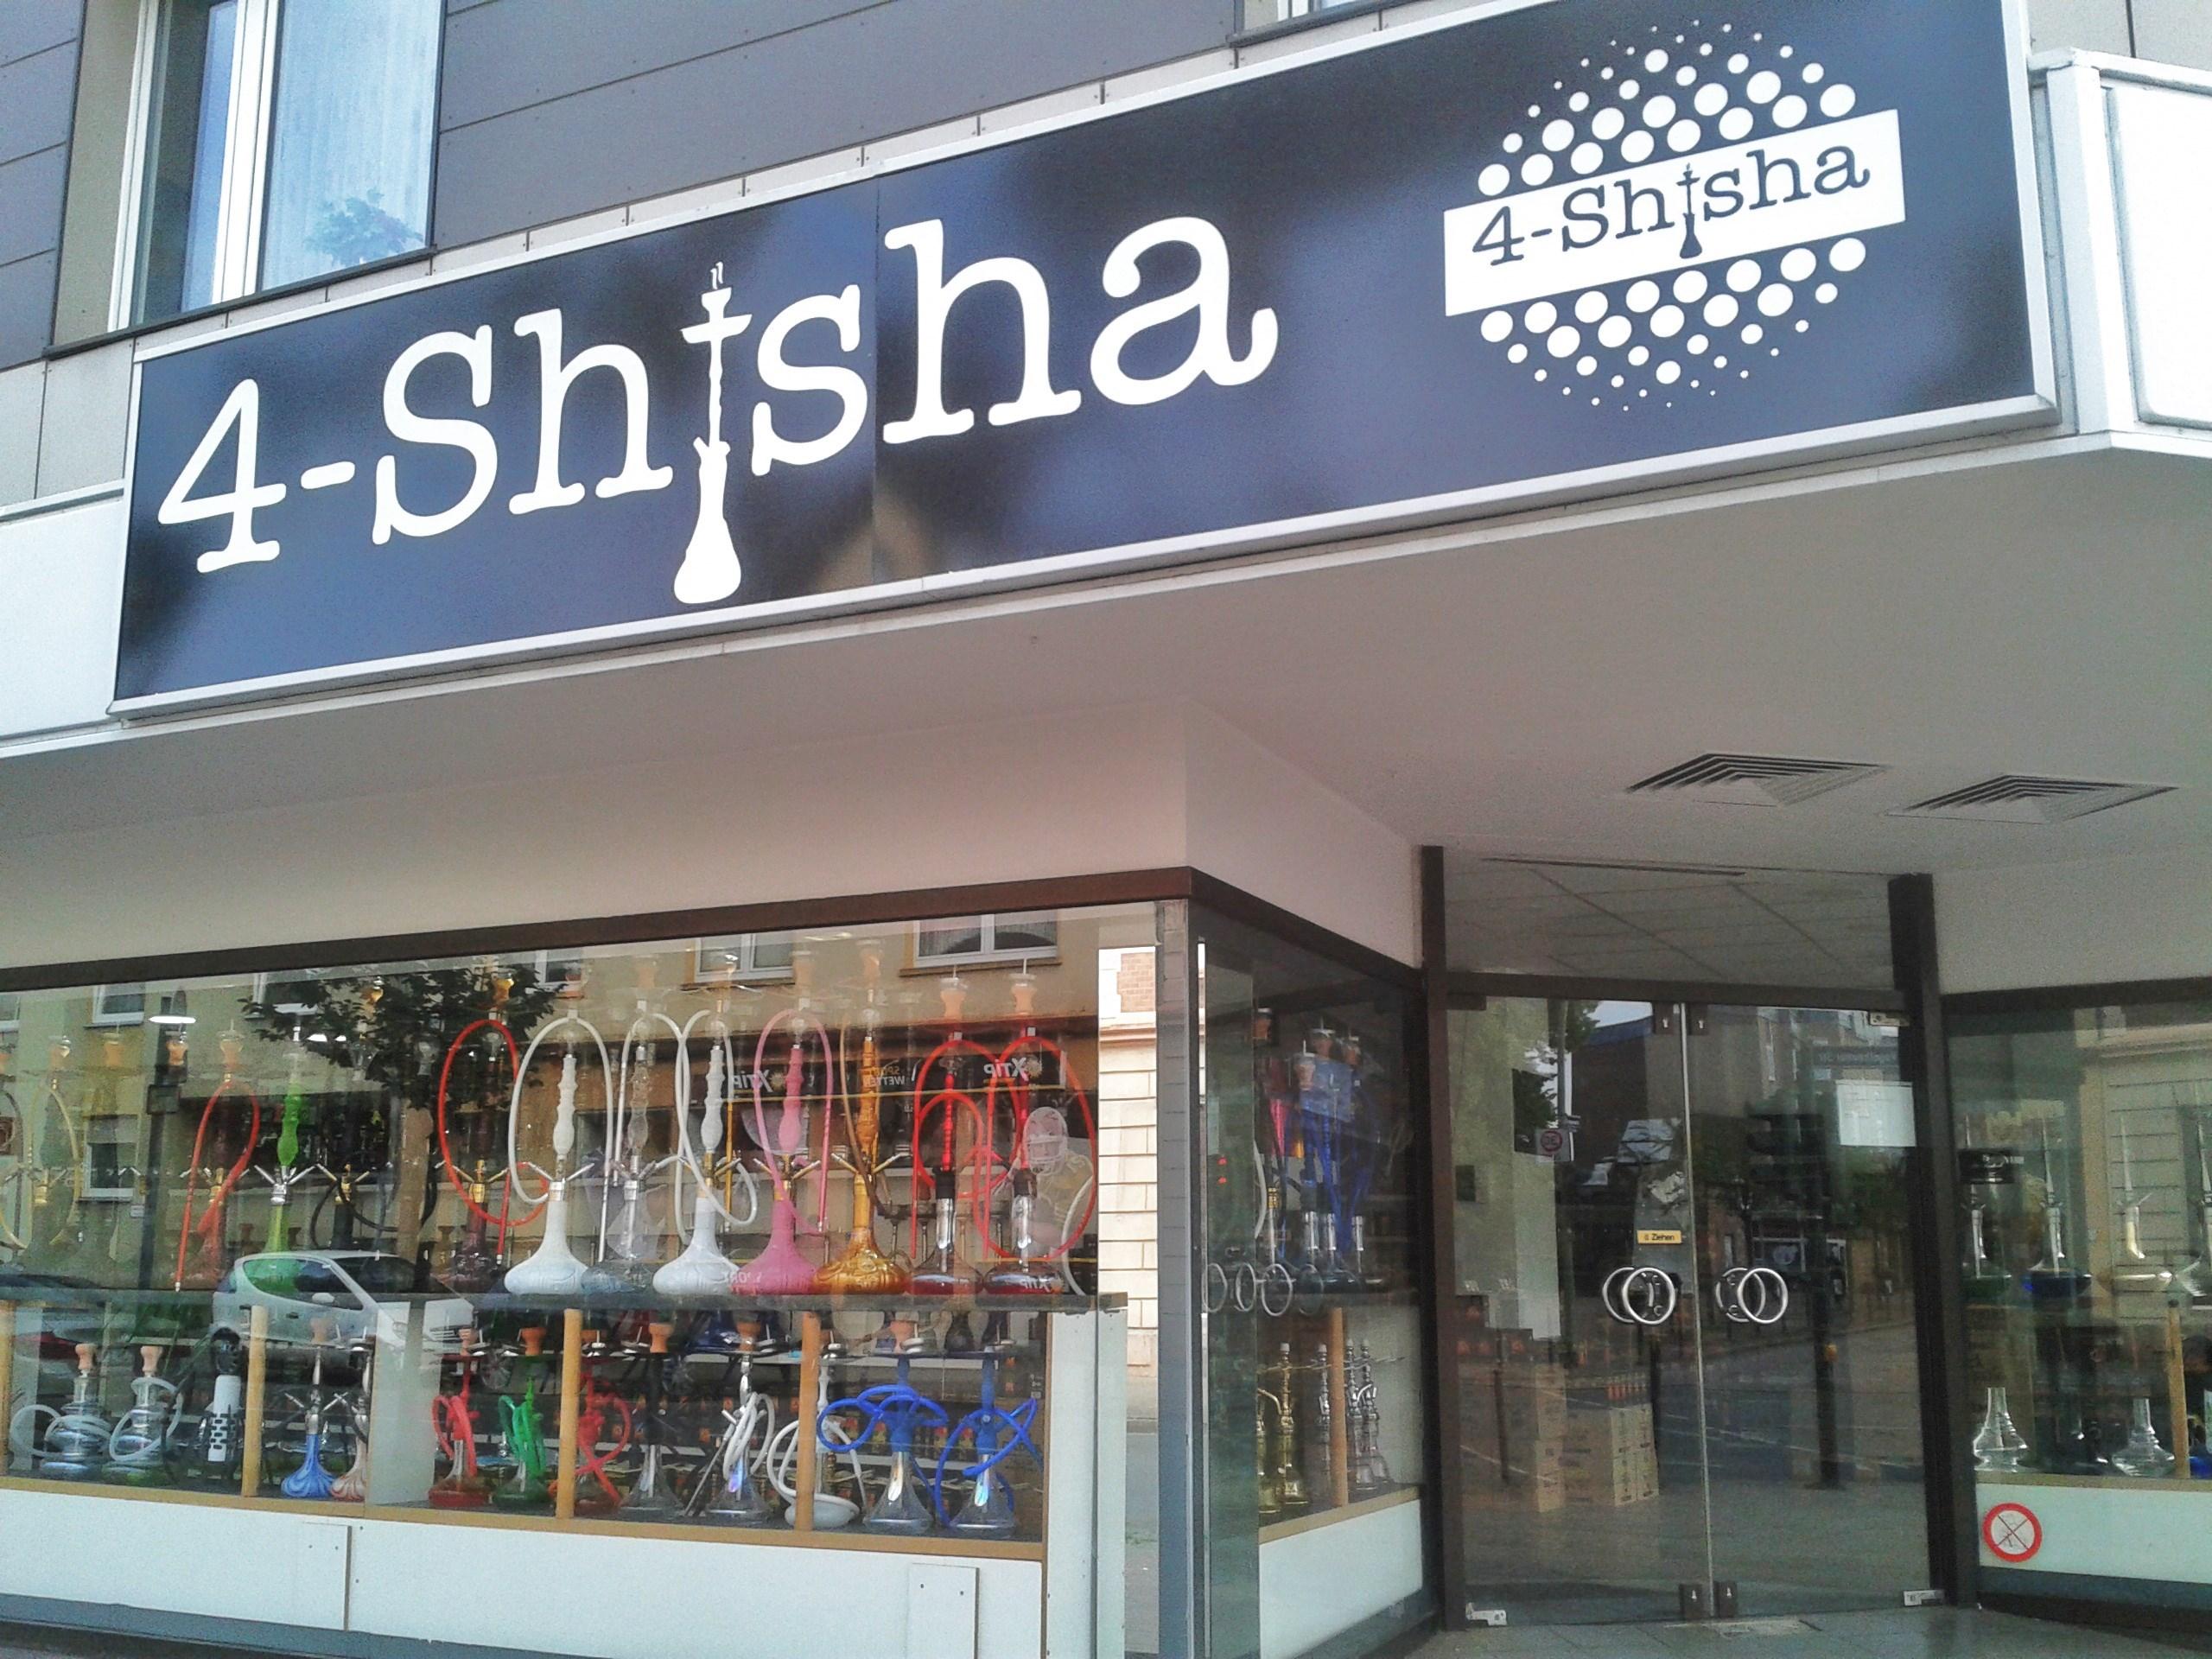 shisha bars in essen ratsfraktion essen. Black Bedroom Furniture Sets. Home Design Ideas